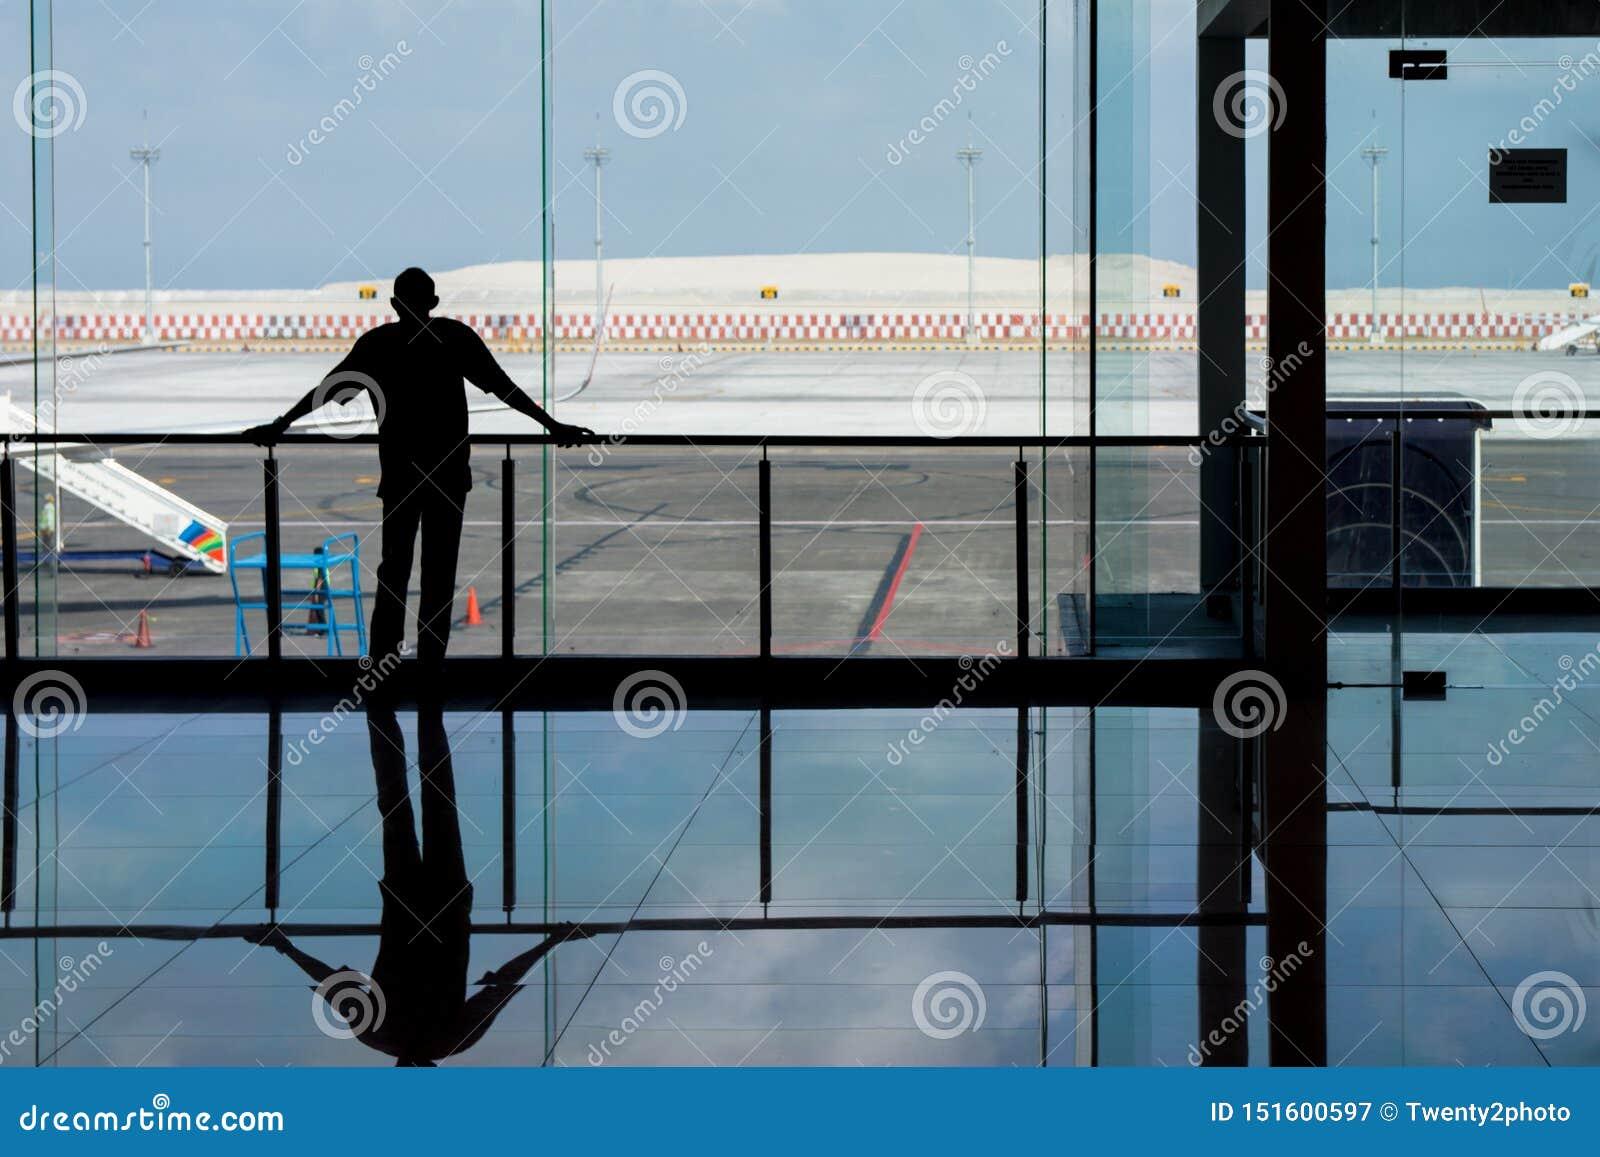 登巴萨,巴厘岛,印度尼西亚:2019年6月05日-看通过玻璃窗的人机场,他等待他的飞行